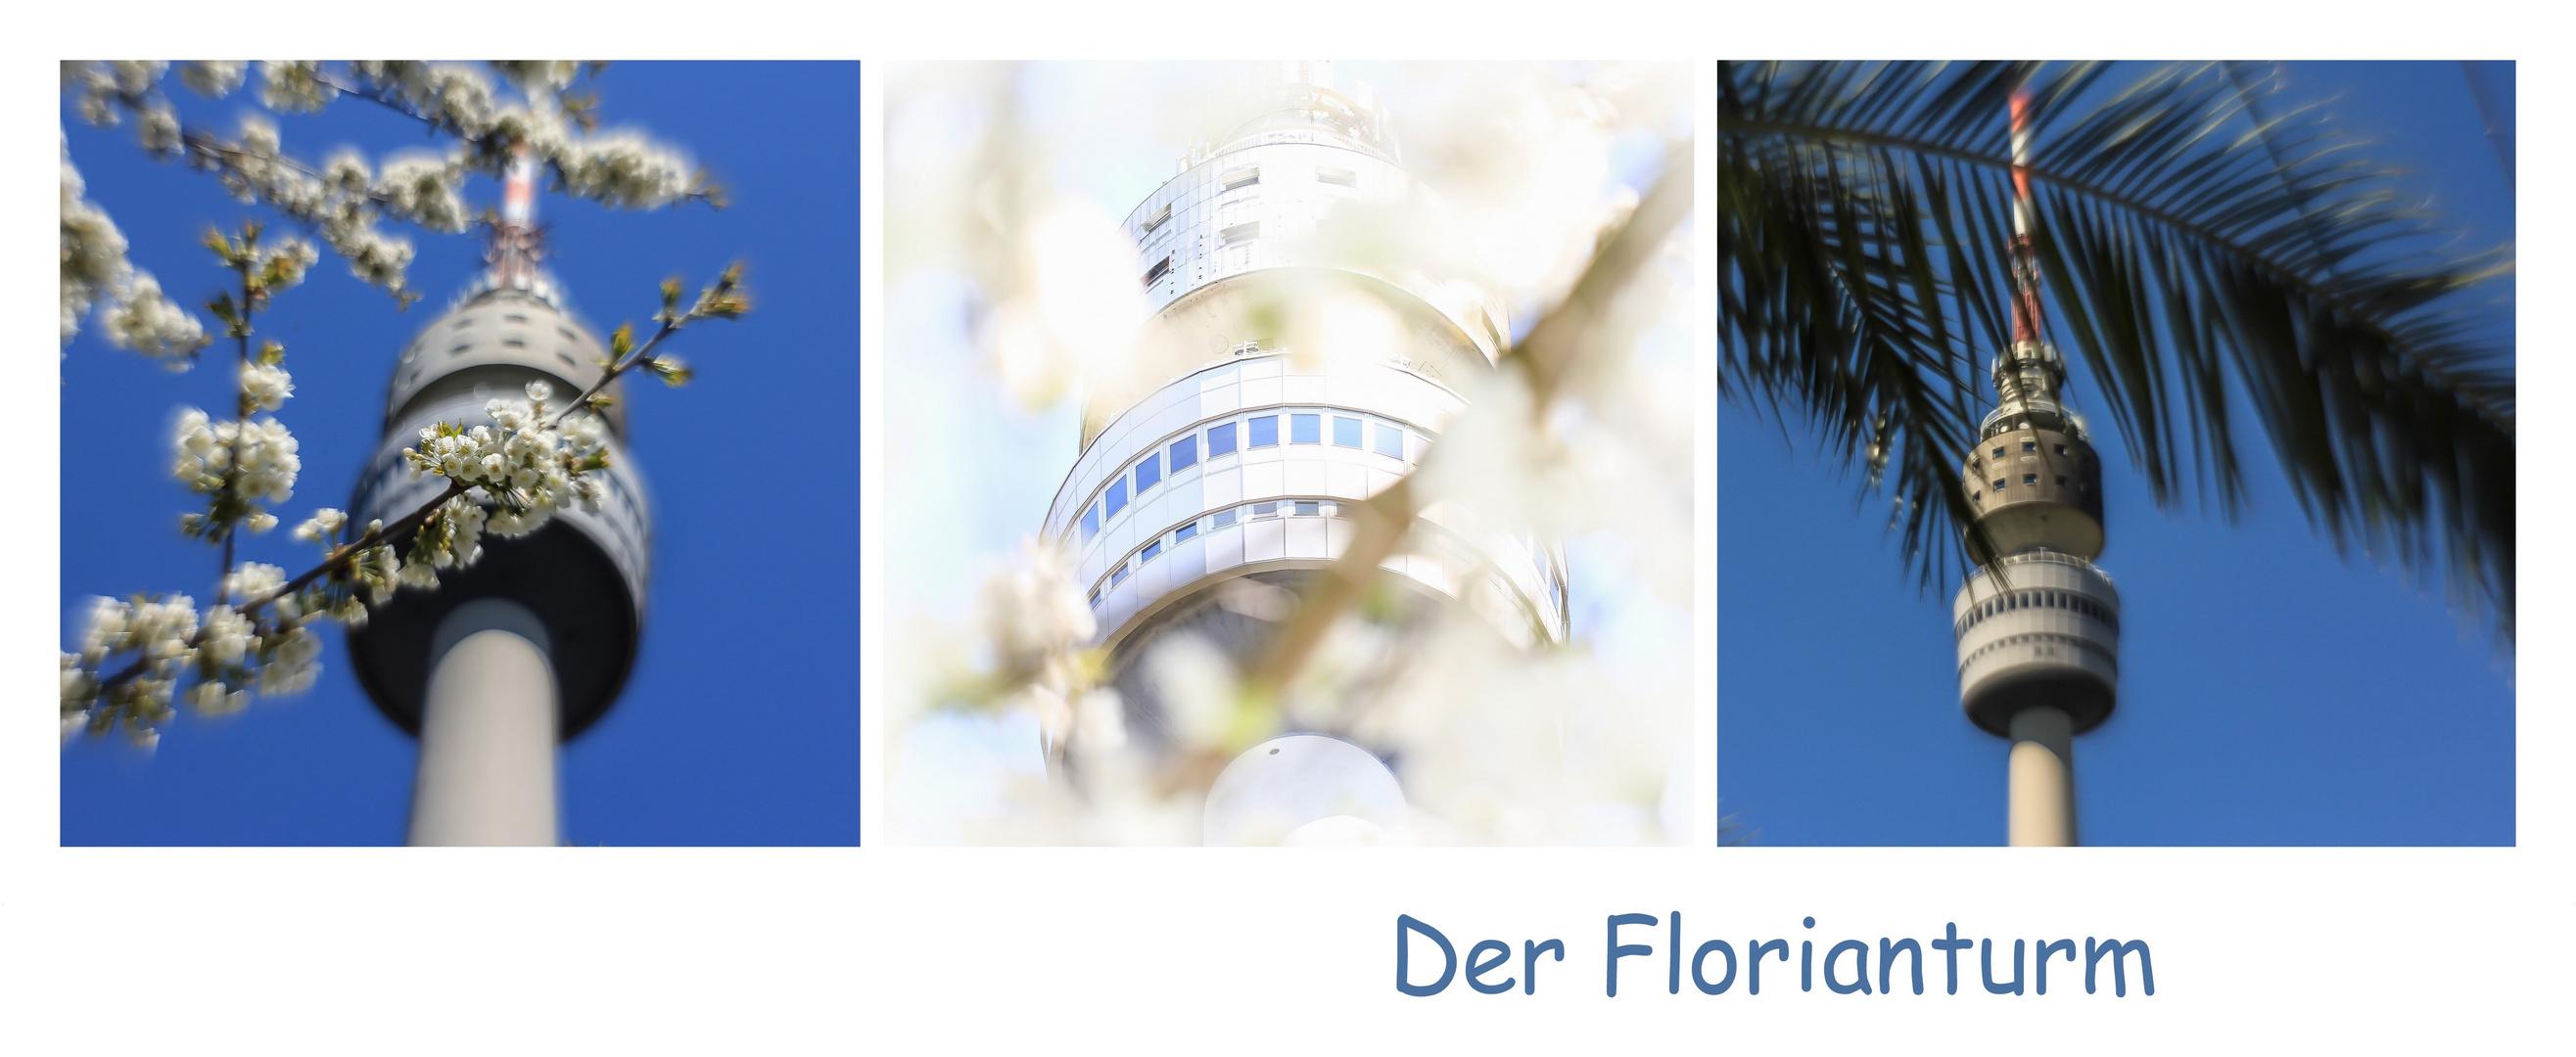 Der Florianturm